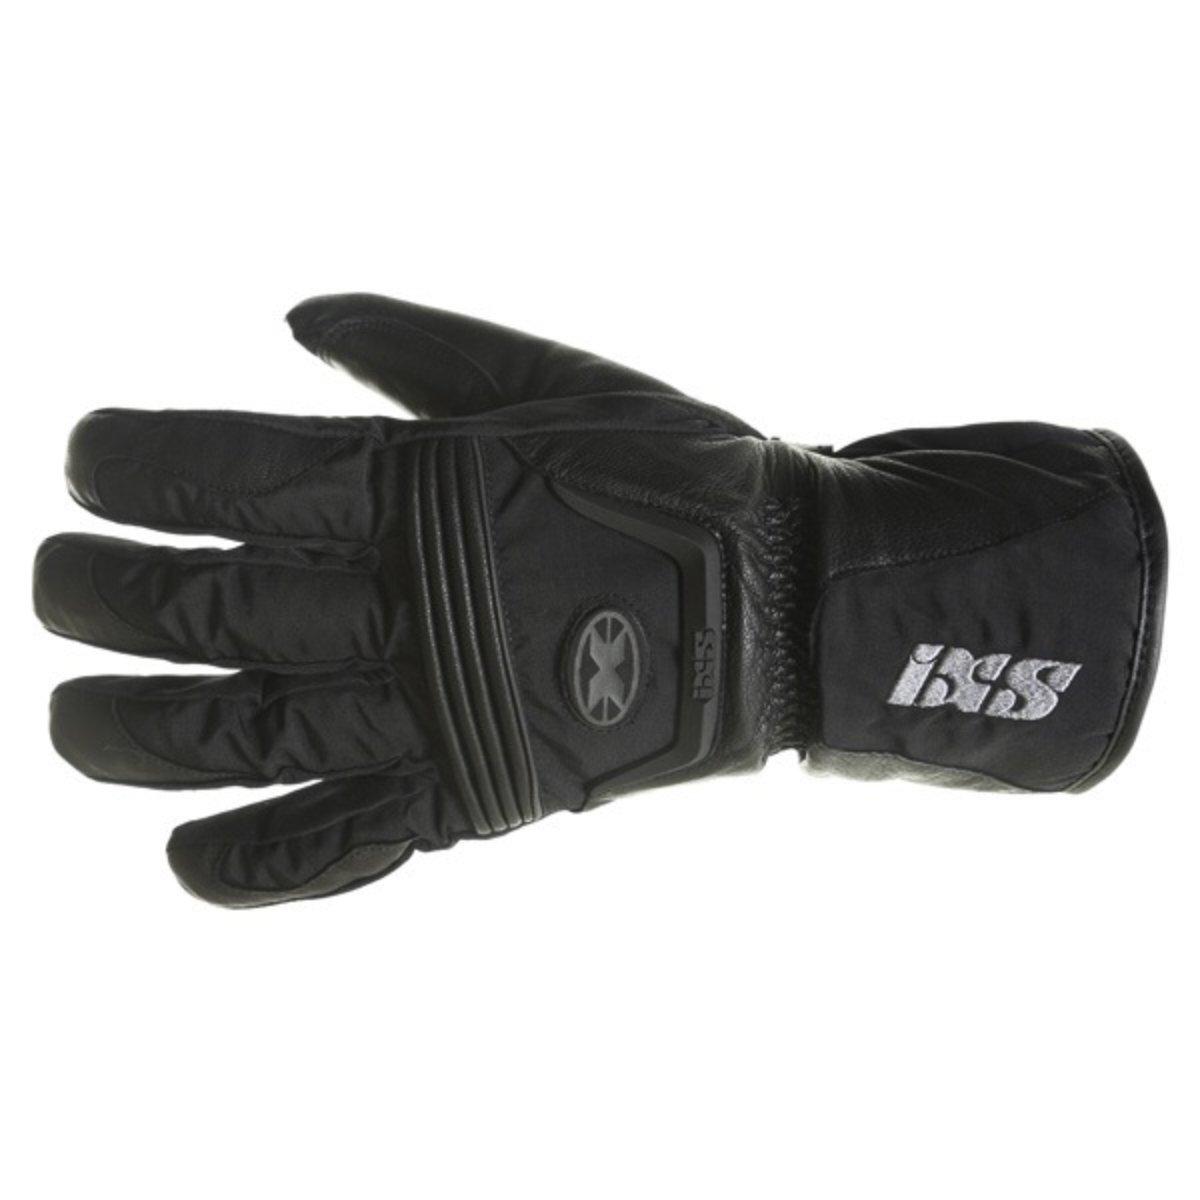 Mirage II Gloves Black Gloves